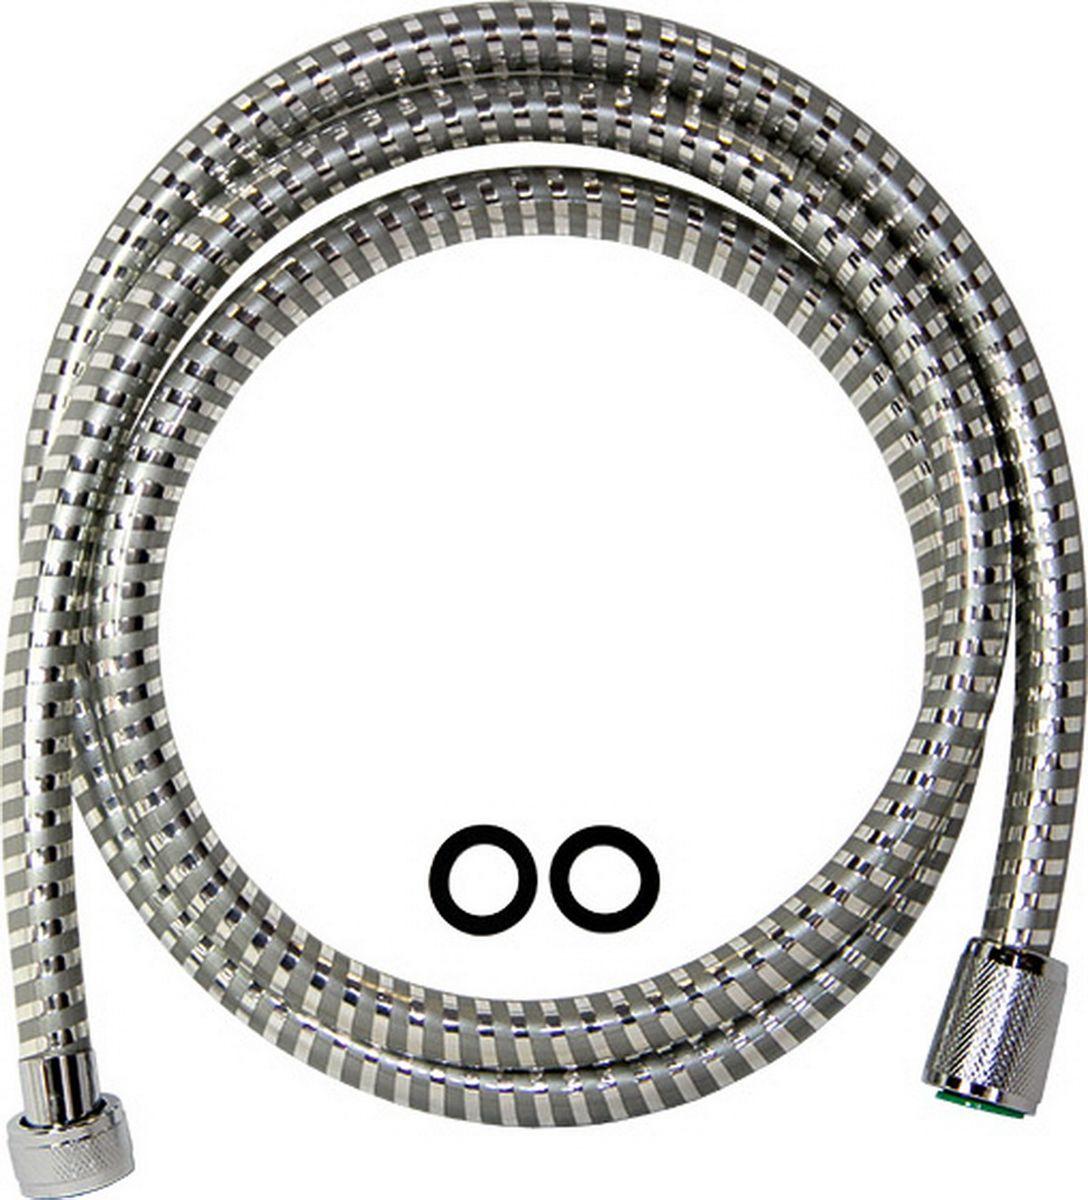 Шланг для душа Argo Еspiroflex, цвет: серый, 165 см шланг для душа argo eur s eco